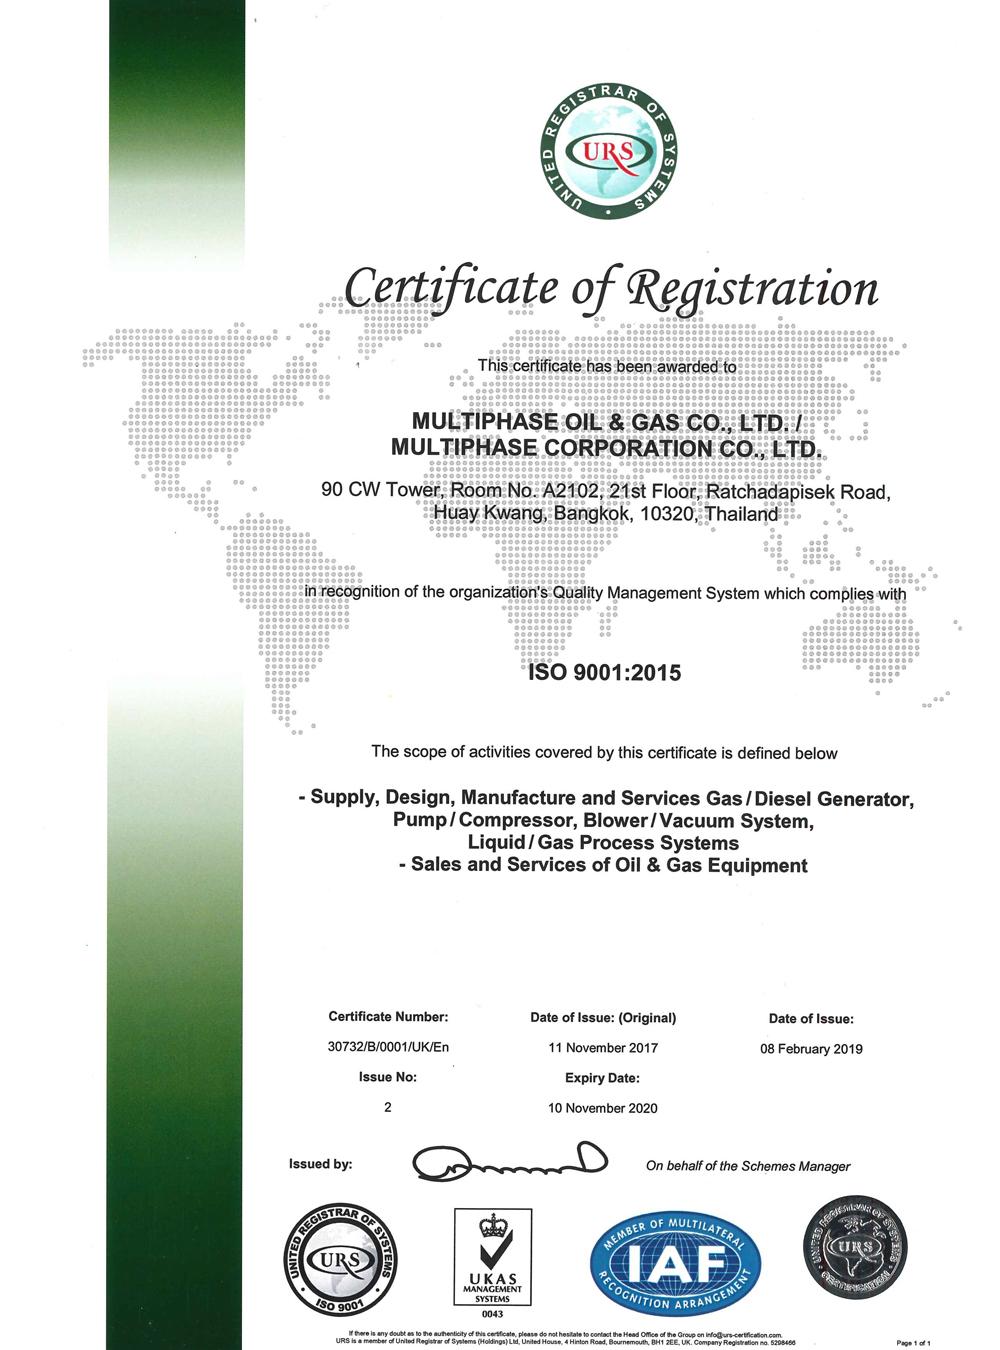 ใบรับรองมาตรฐานสากล ISO9001, 14001, 45001 | มัลติเฟสพาวเวอร์